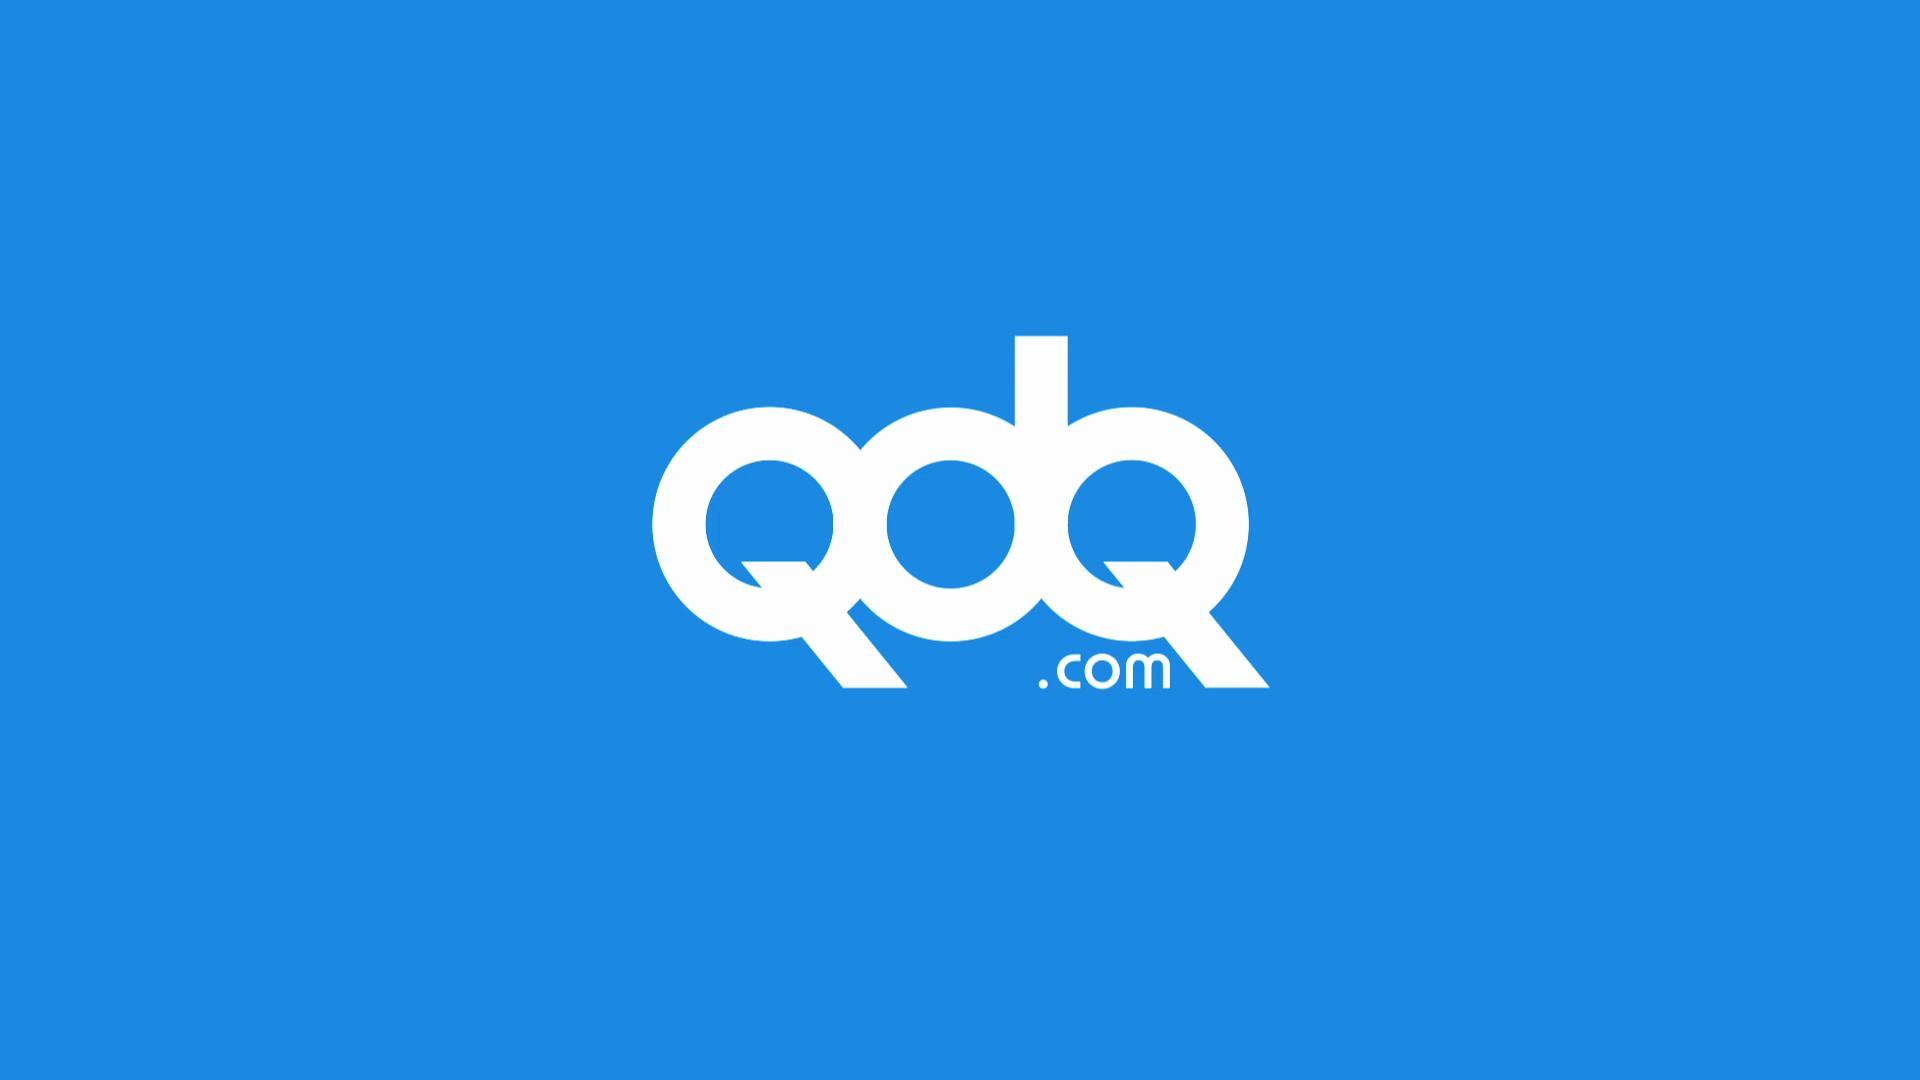 Alianza entre QDQ Media y Google España para facilitar el negocio online de pymes }}